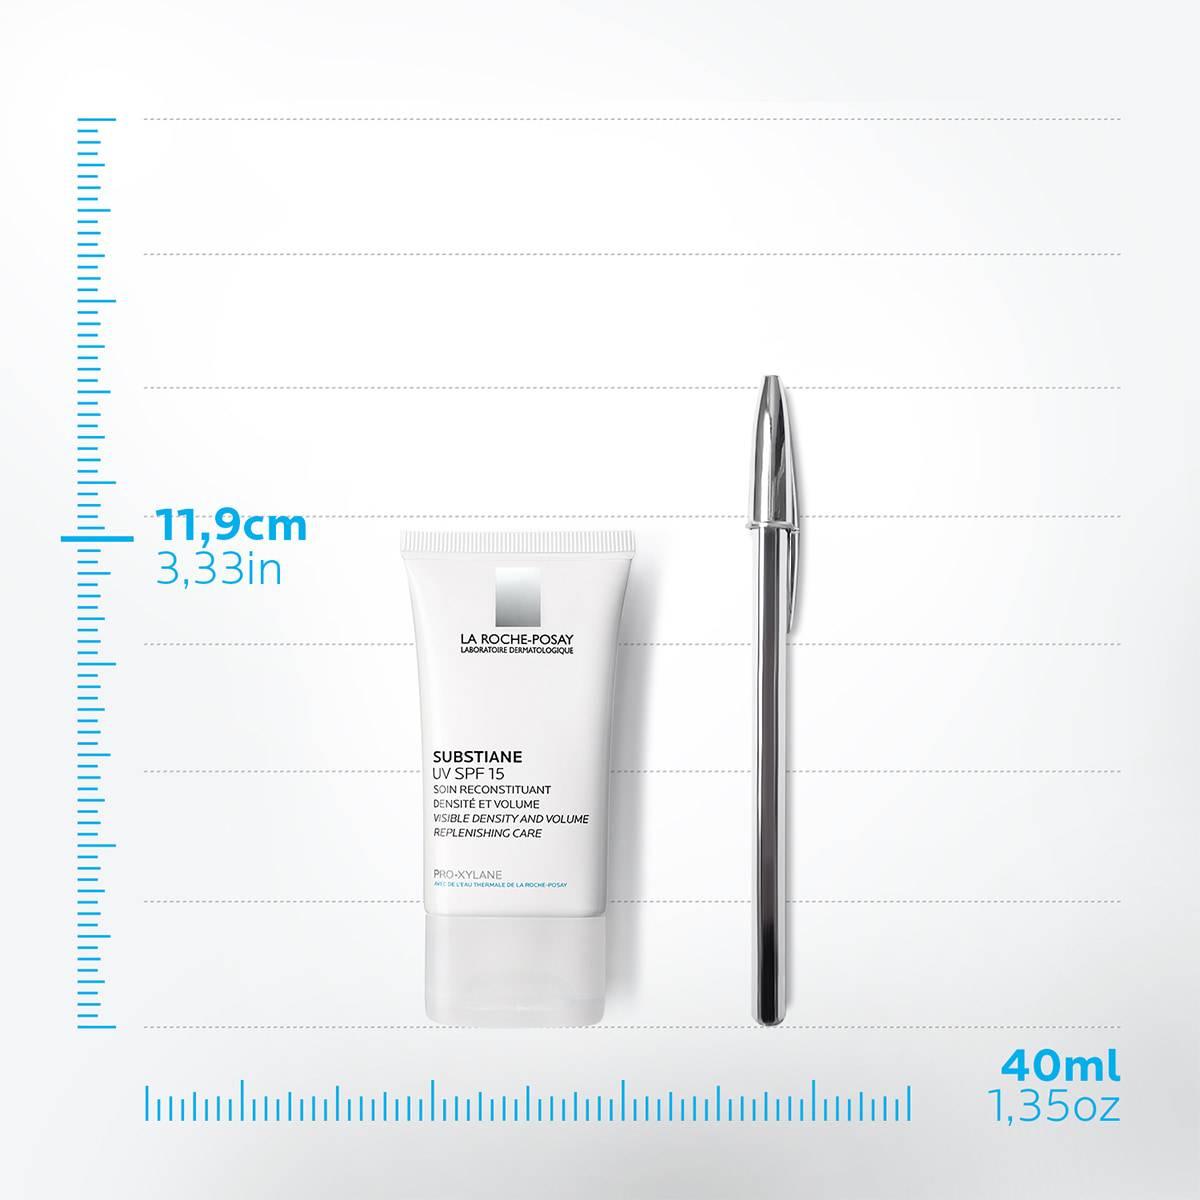 La Roche Posay ProductPage Anti Aging Cream Substiane UV Spf15 40ml 33